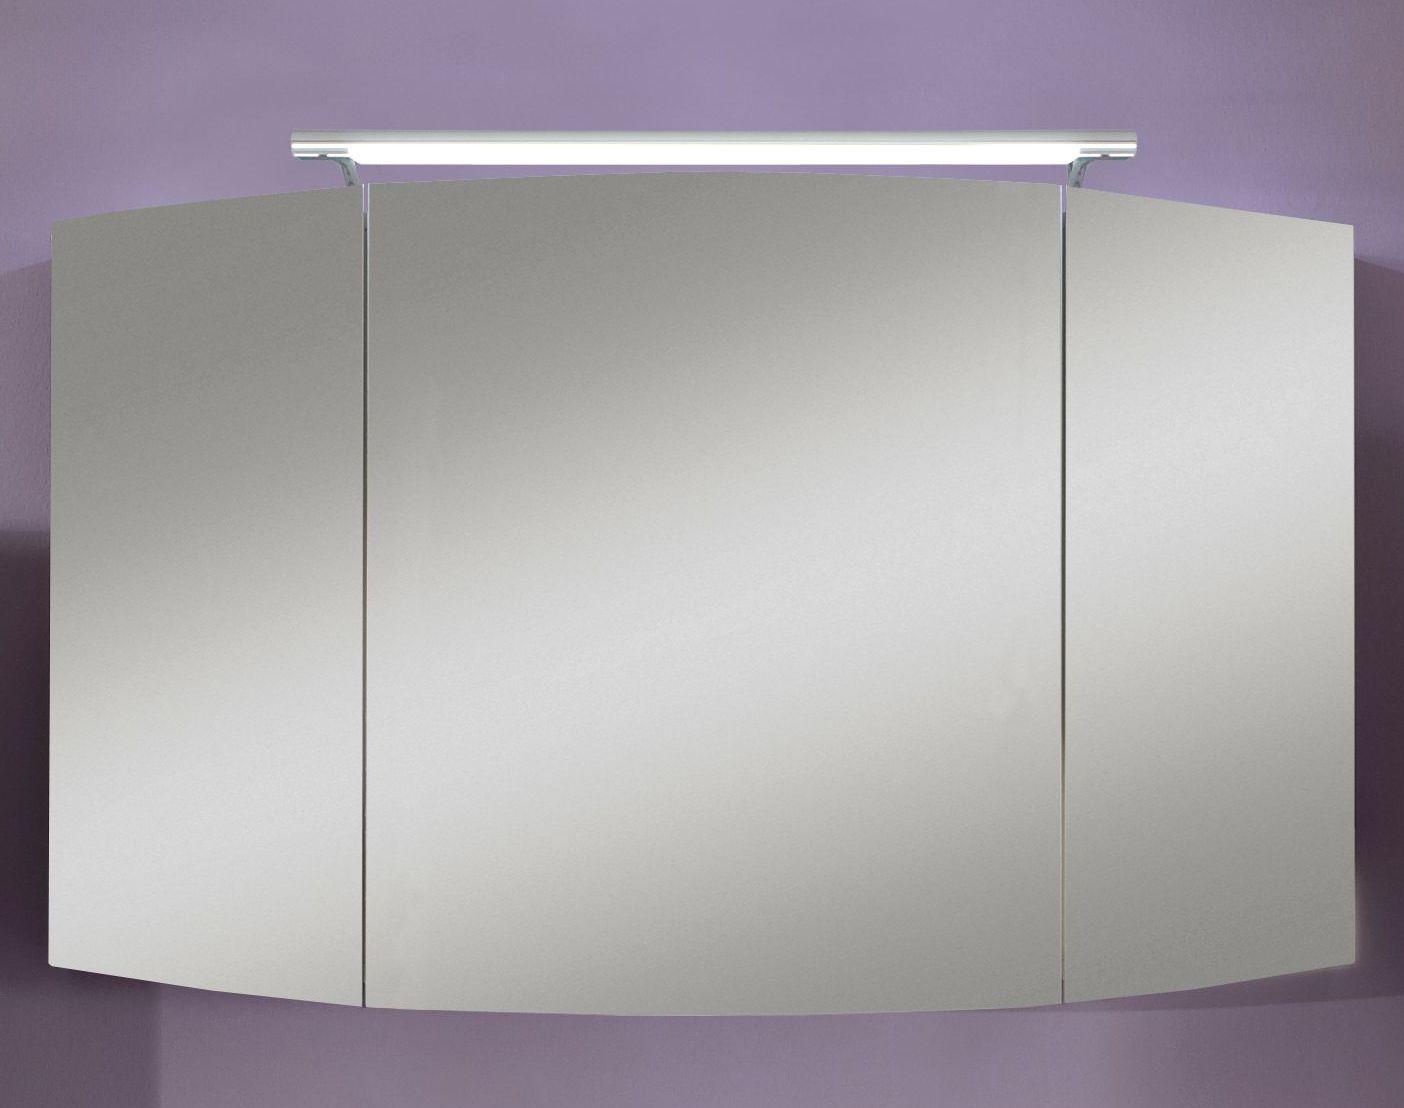 marlin bad 3100 scala spiegelschrank 120 cm scsps120 g nstig kaufen m bel universum. Black Bedroom Furniture Sets. Home Design Ideas